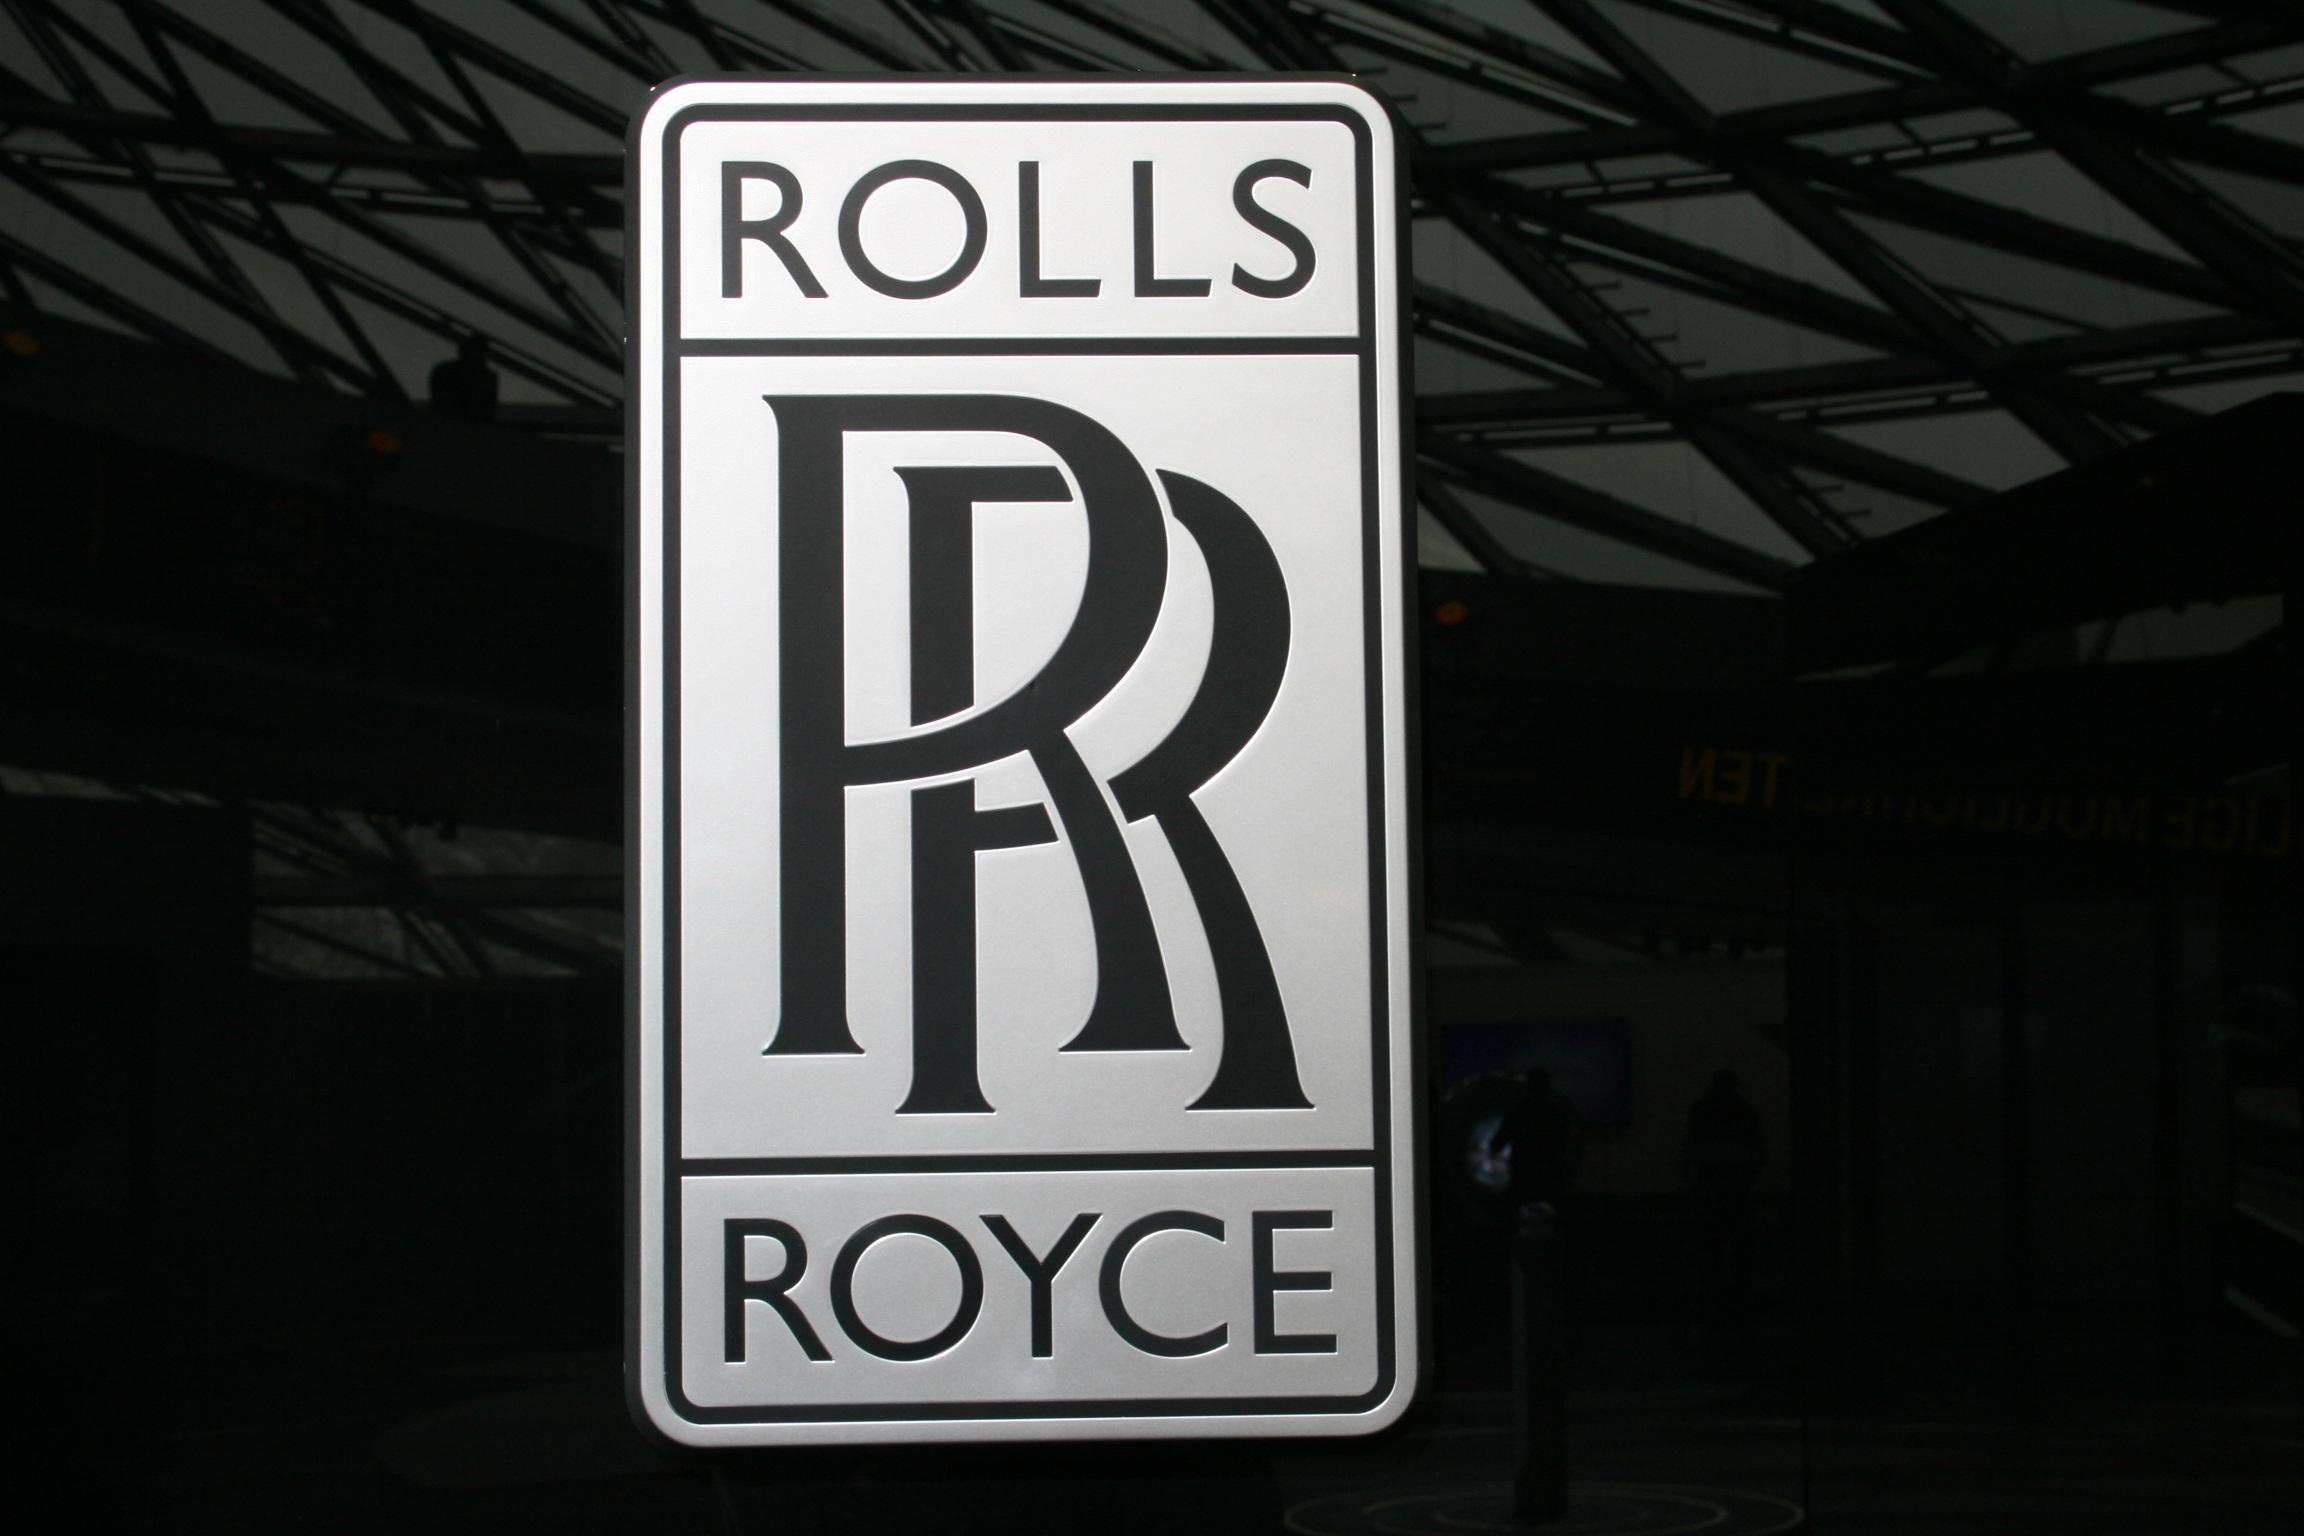 rolls royce logo - HD2304×1536